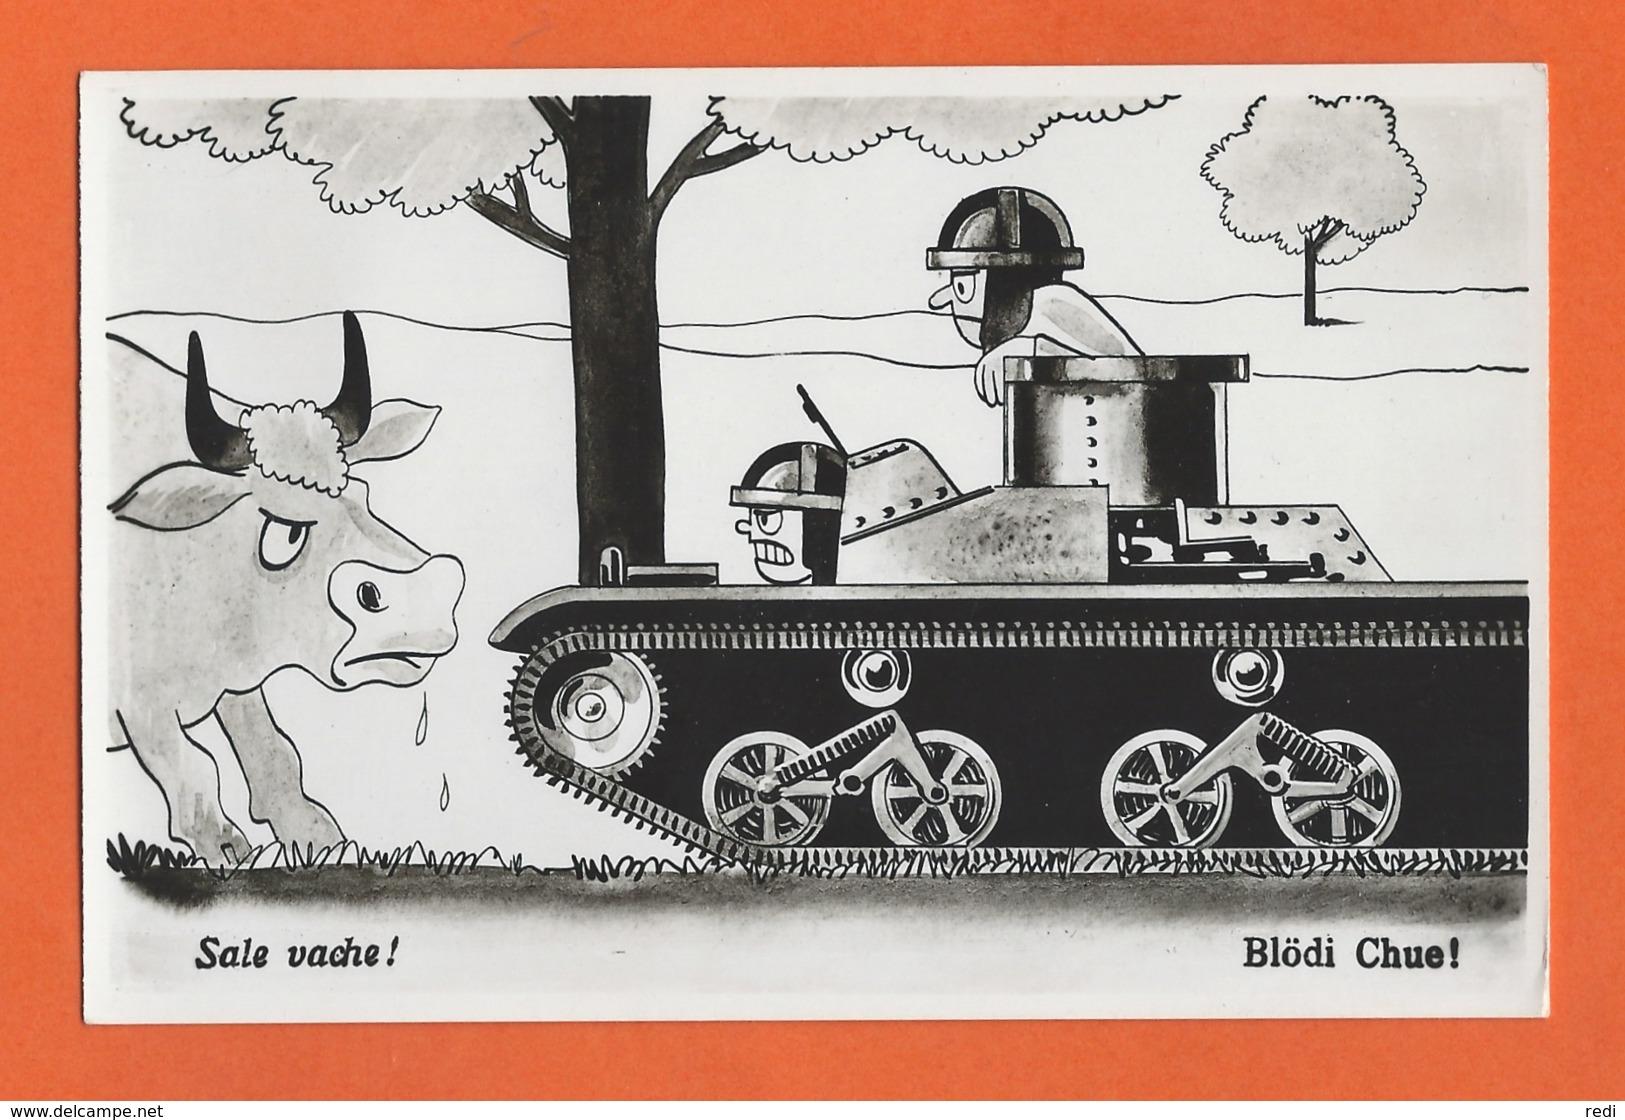 Postcard Military Humor - Blödi Chue ! - Sale Vache ! - Umoristiche